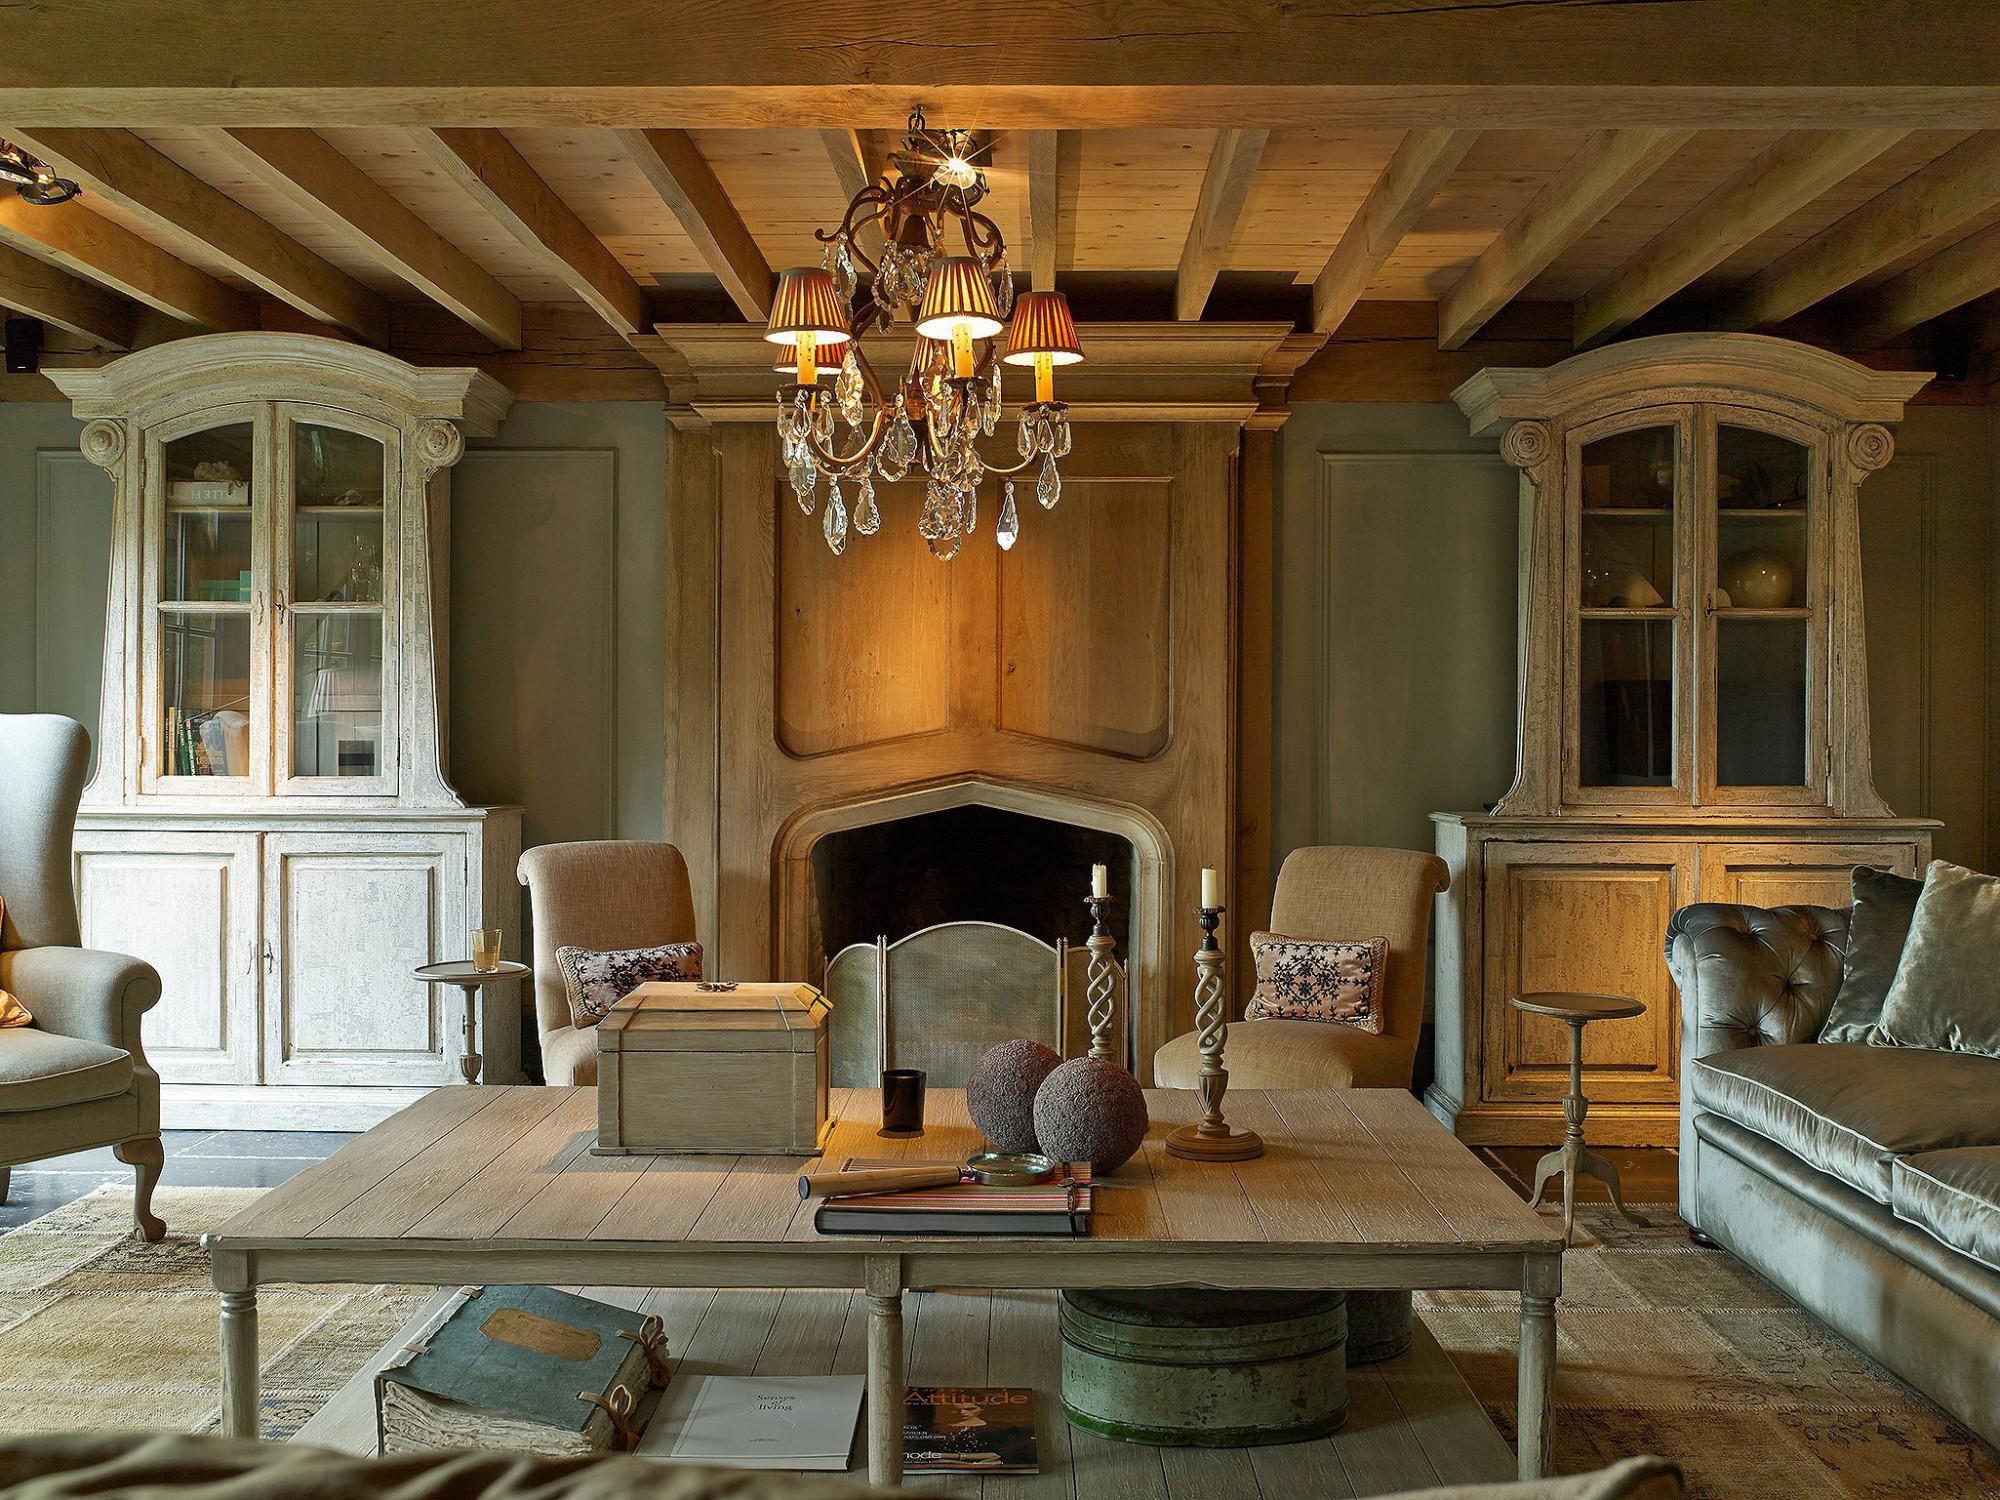 Afbeelding: Locatie fotografie meubelen,interieurfotografie foto Van Huffel.